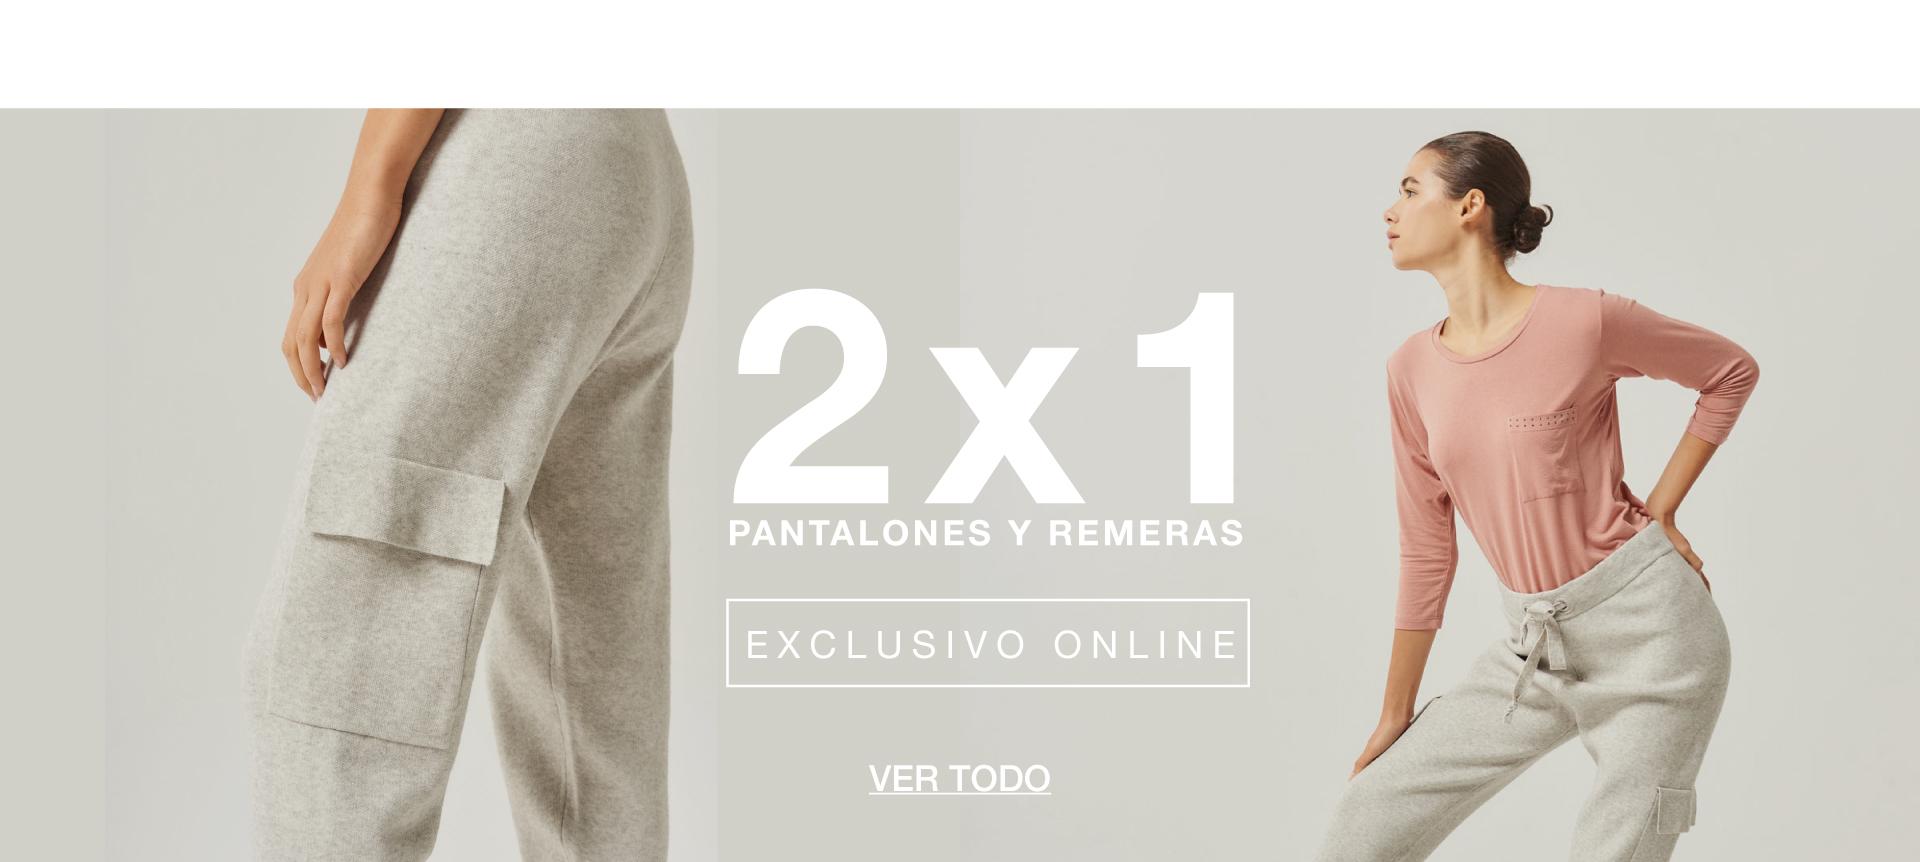 pos-9;type-btn-vacio-blanco;name-;text-;title-